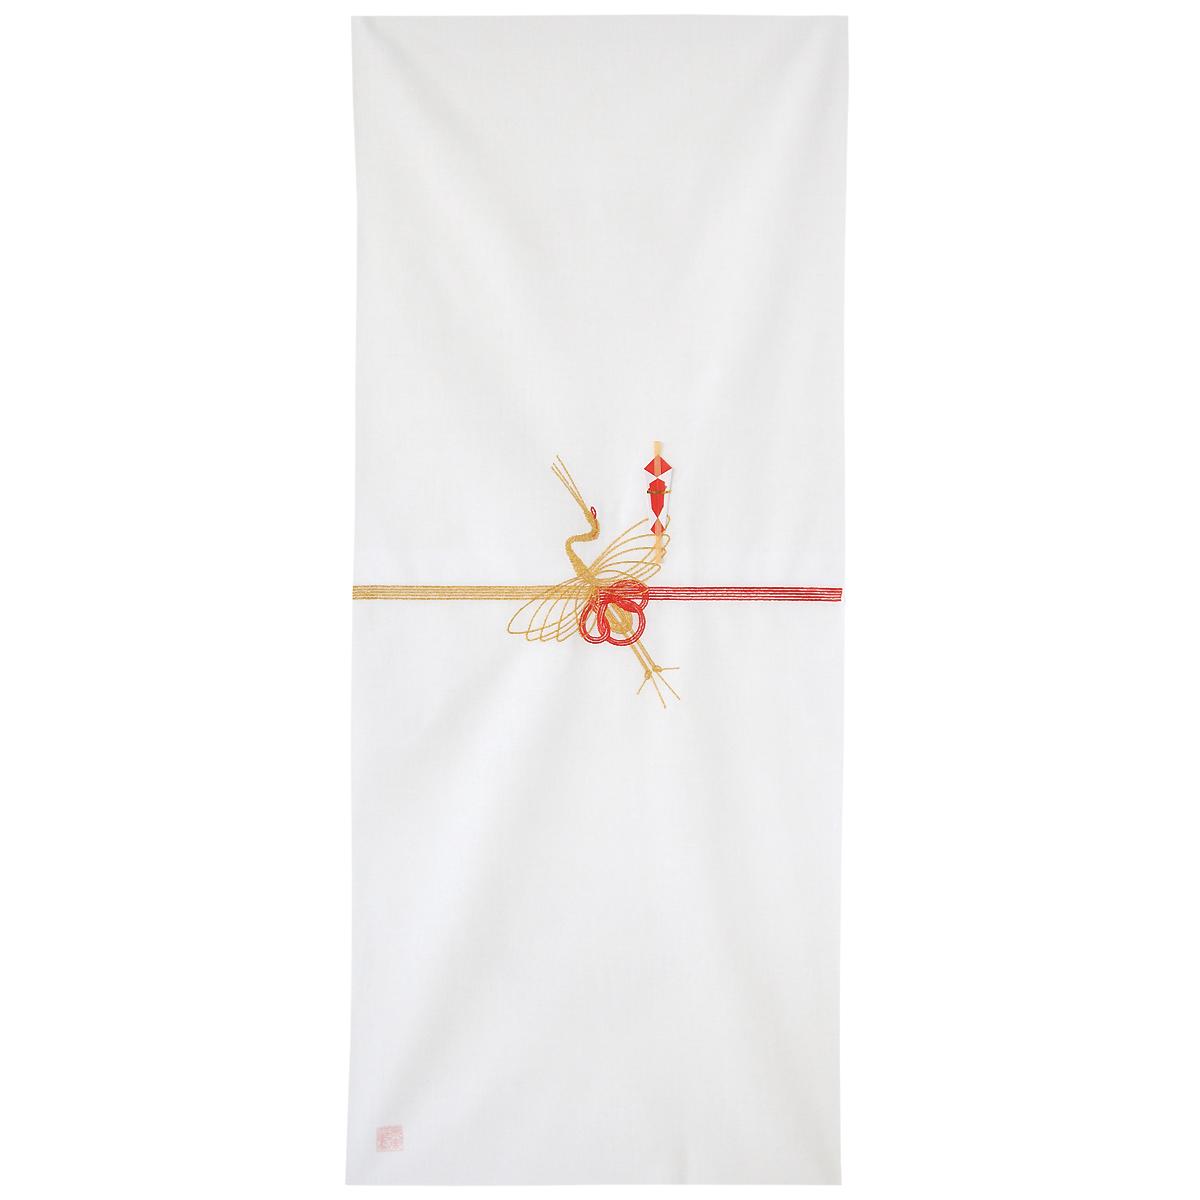 KY01-18/手ぬぐい/鶴結び/【5枚までゆうパケット可】